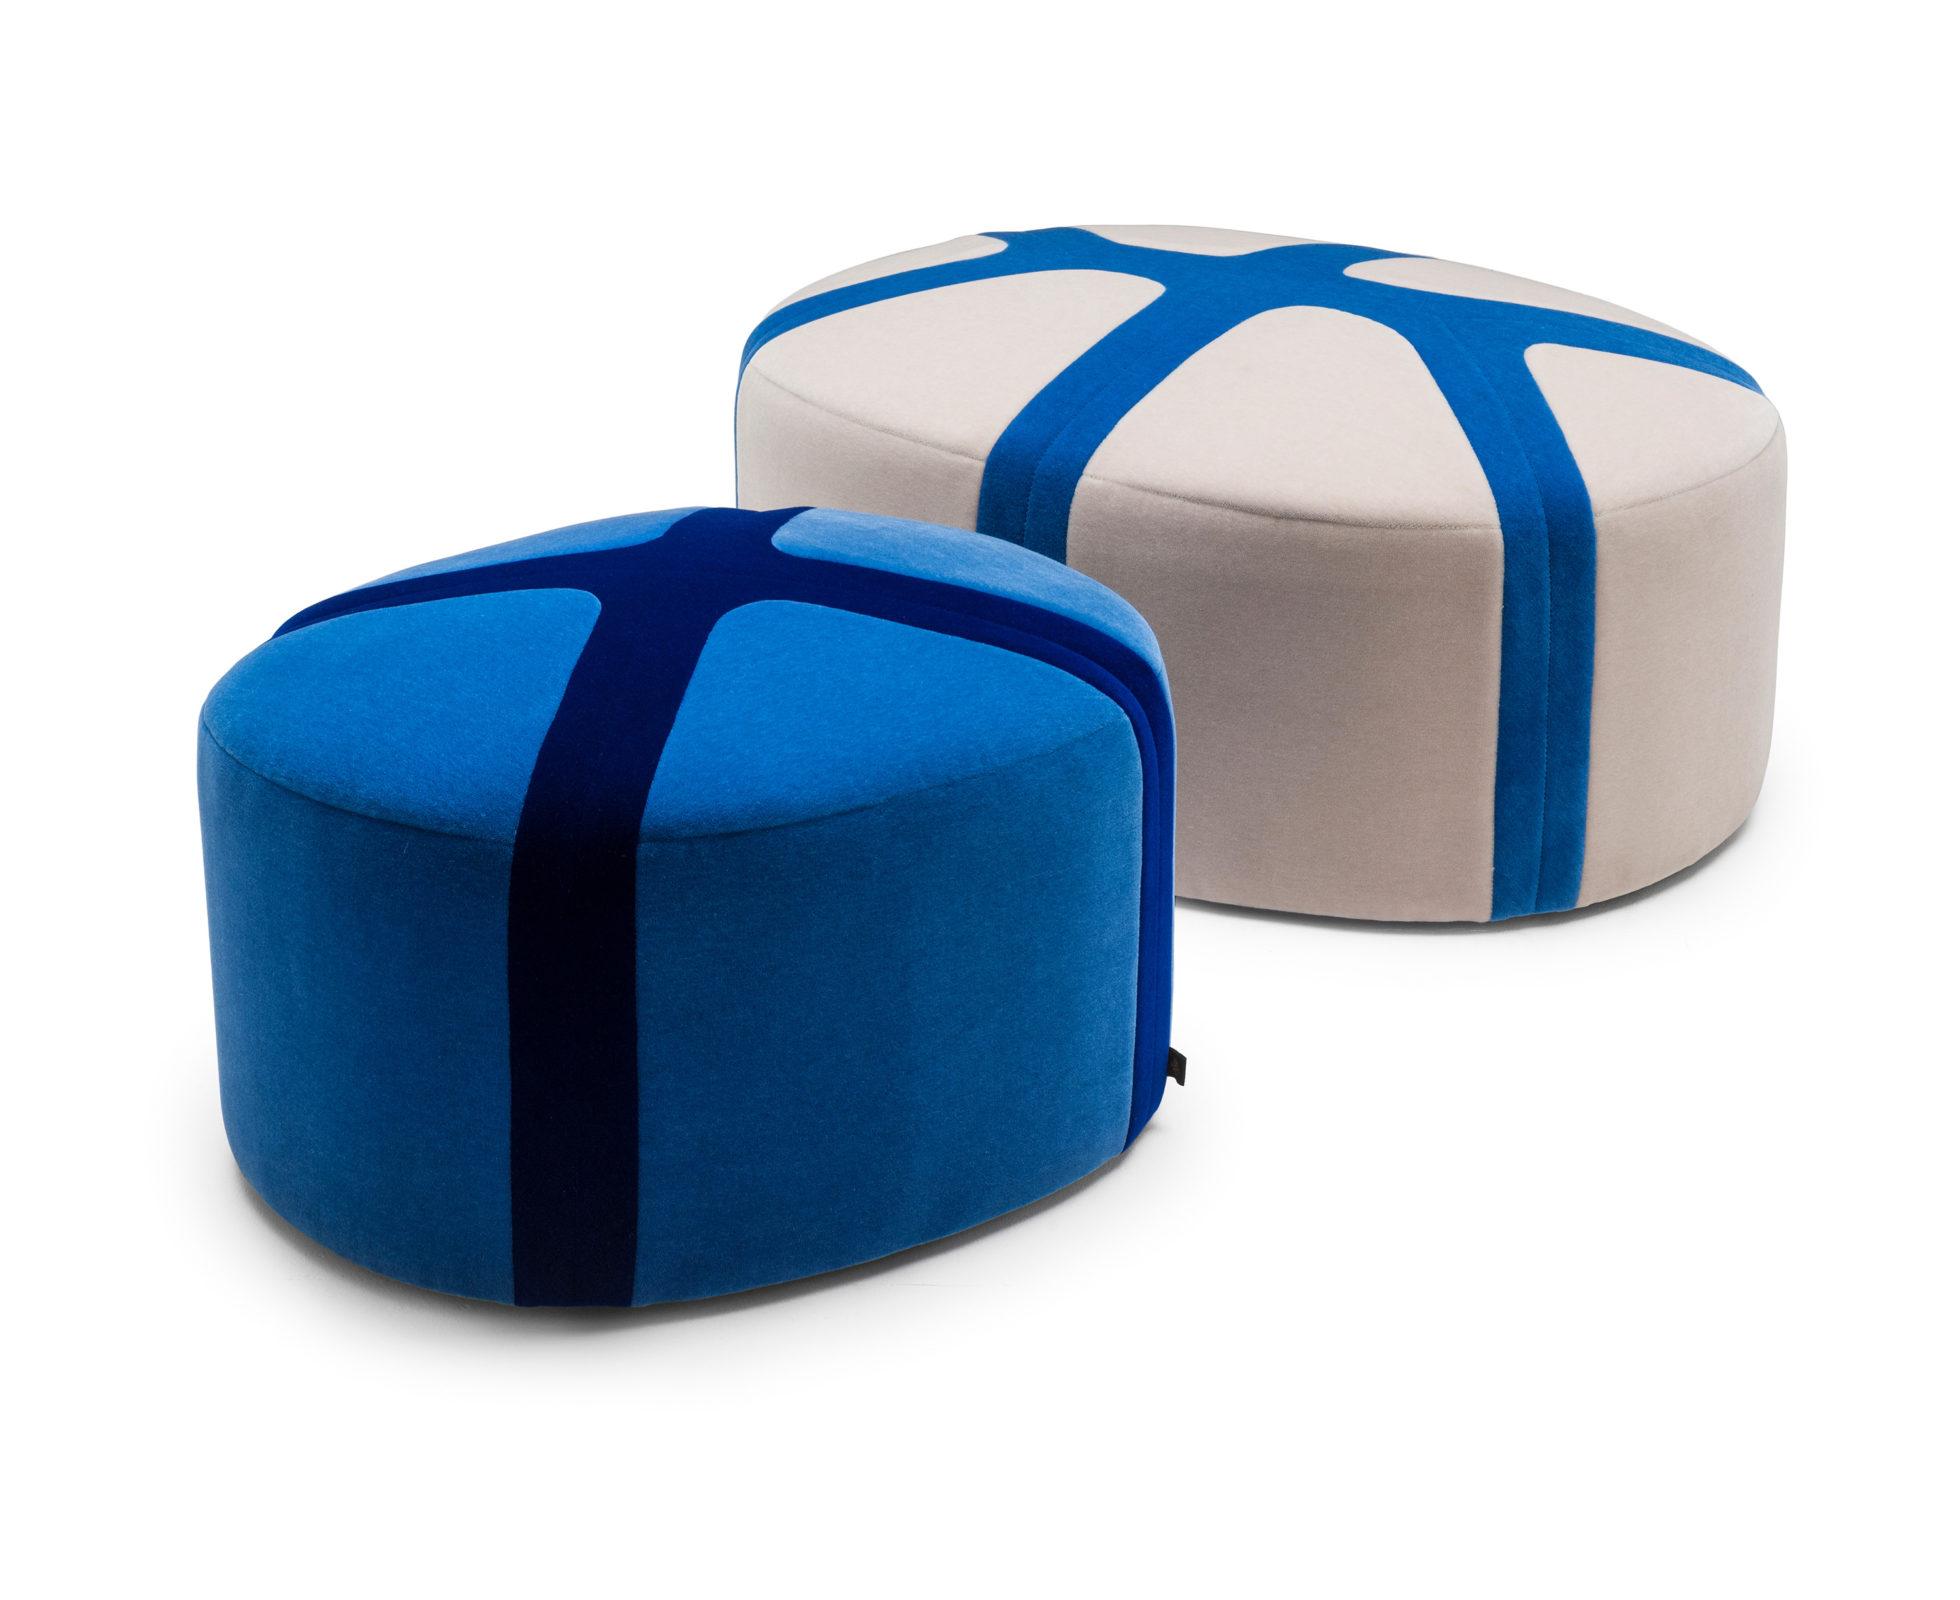 坐具|吧椅/凳子|创意家具|现代家居|时尚家具|设计师家具|定制家具|实木家具|pollen 矮凳